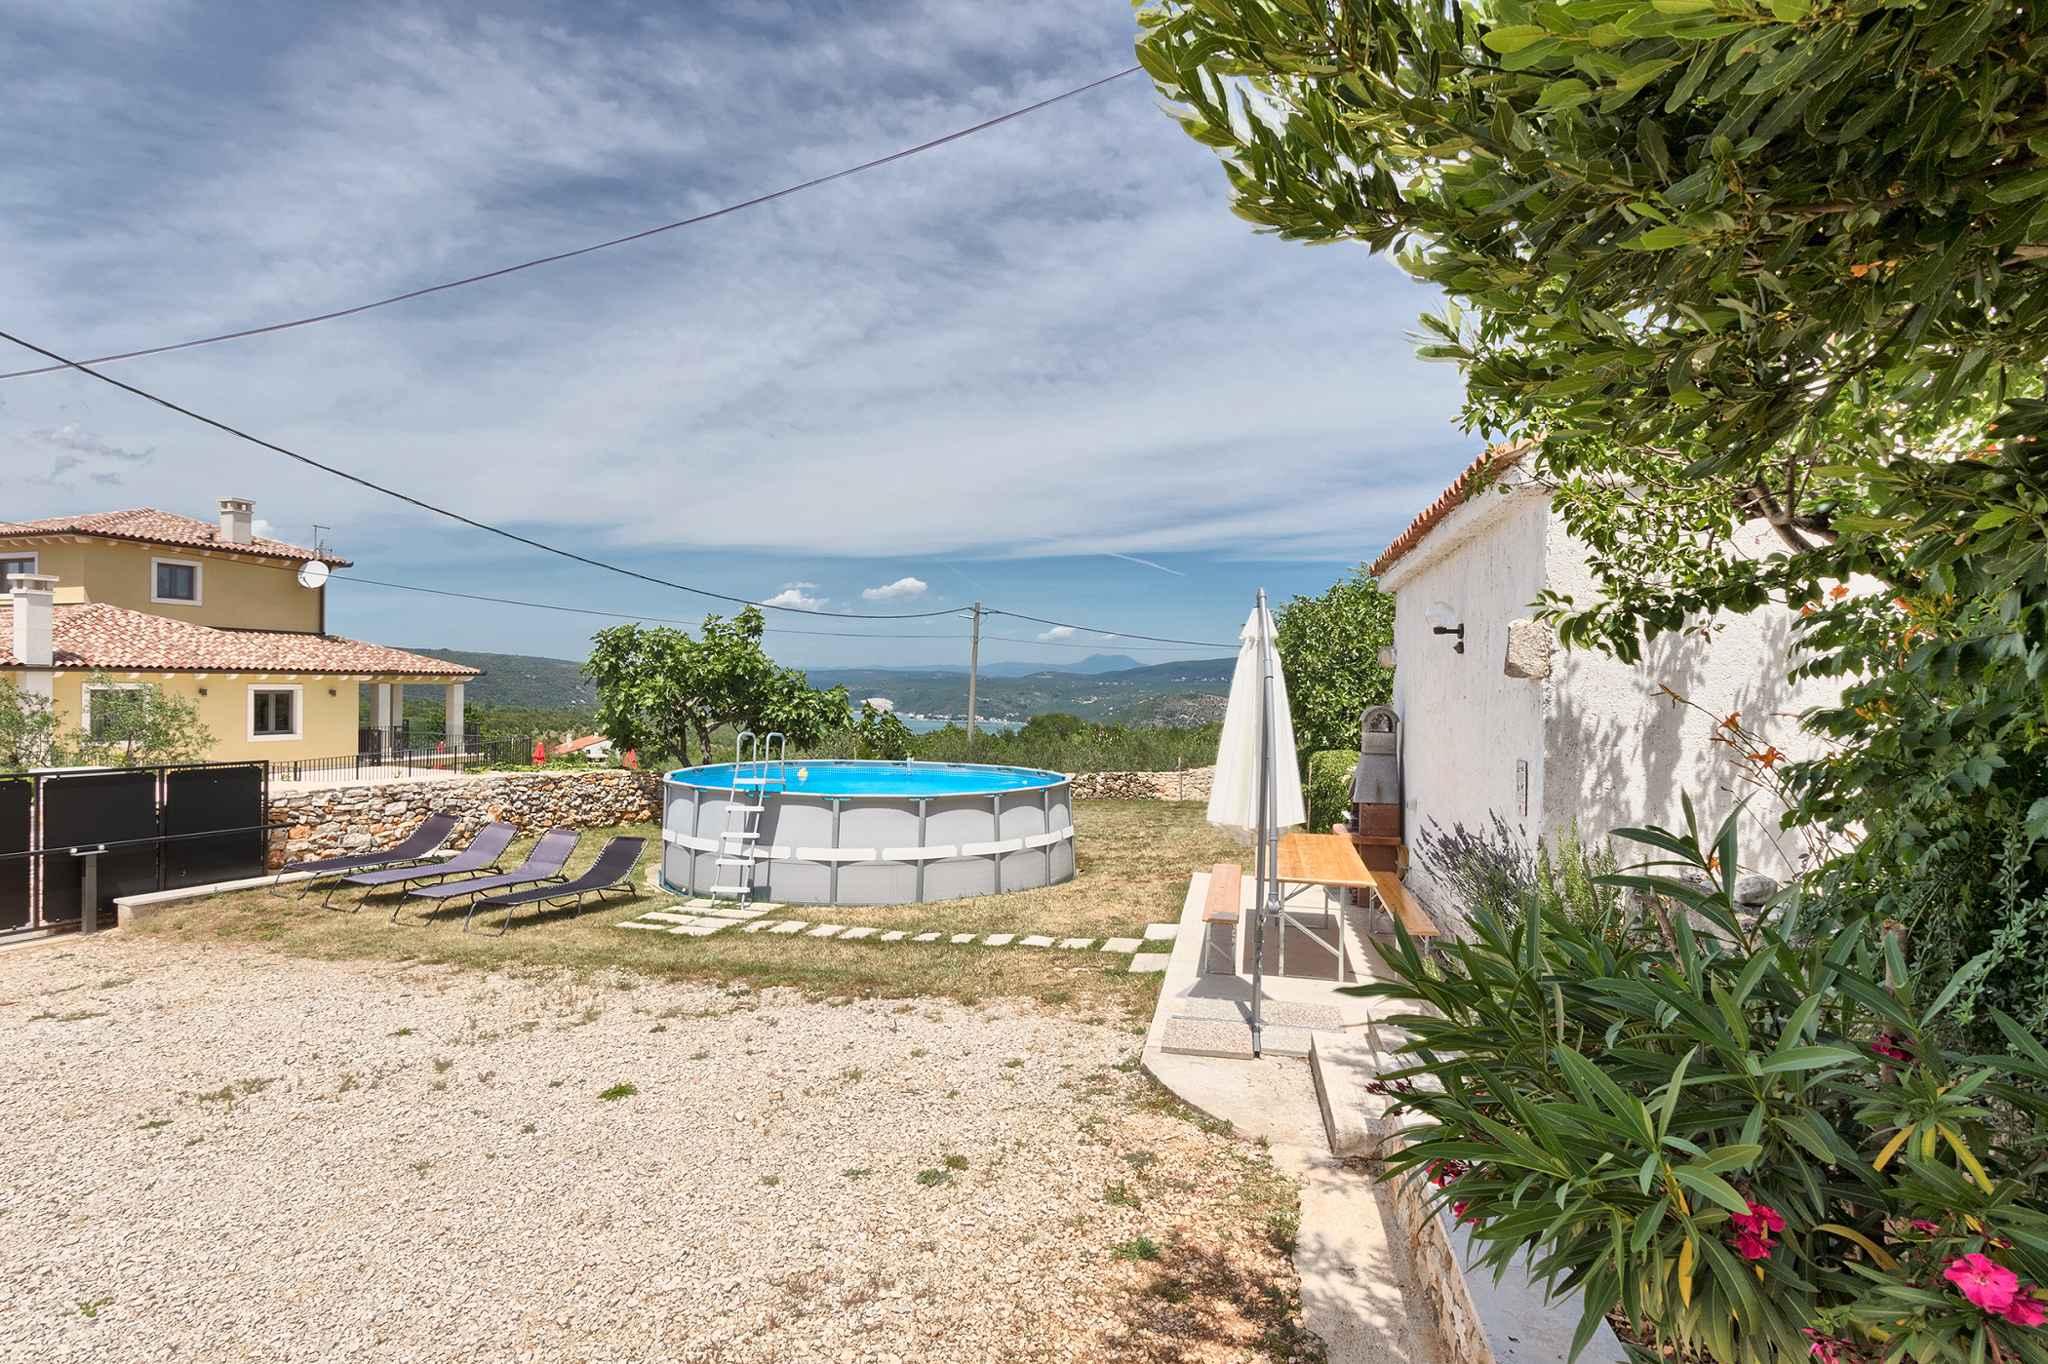 Ferienhaus mit Aussenpool im Dorf (974973), Marcana, , Istrien, Kroatien, Bild 4